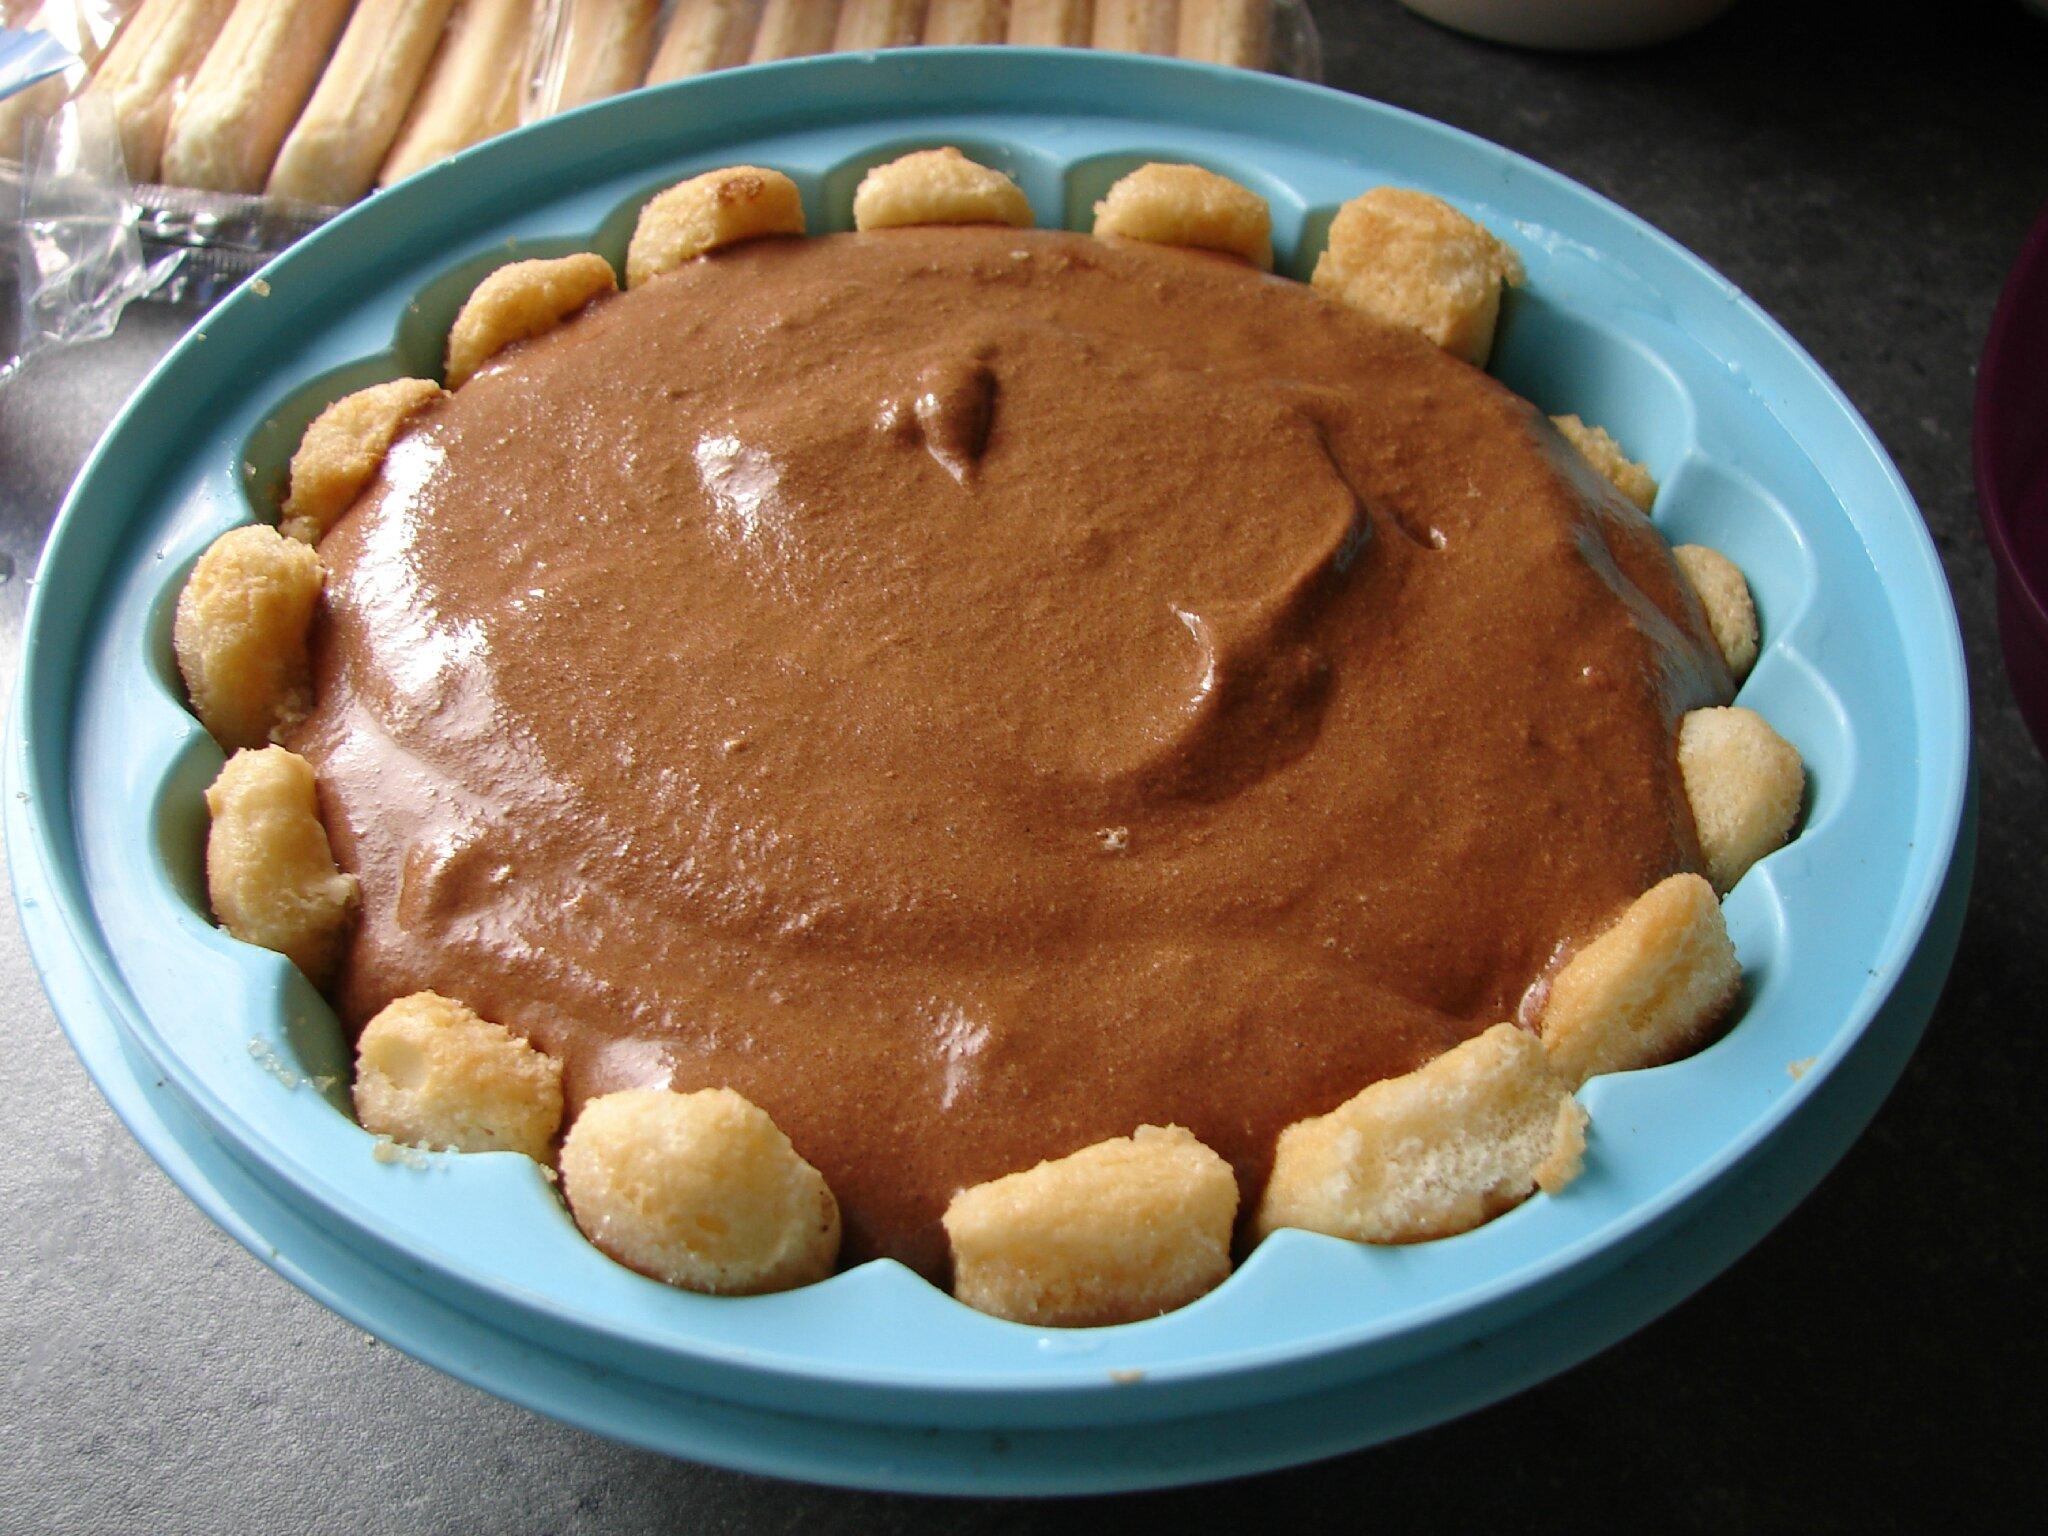 Recette Charlotte Au Chocolat Sans Oeuf la charlotte au chocolat - le monde de marie